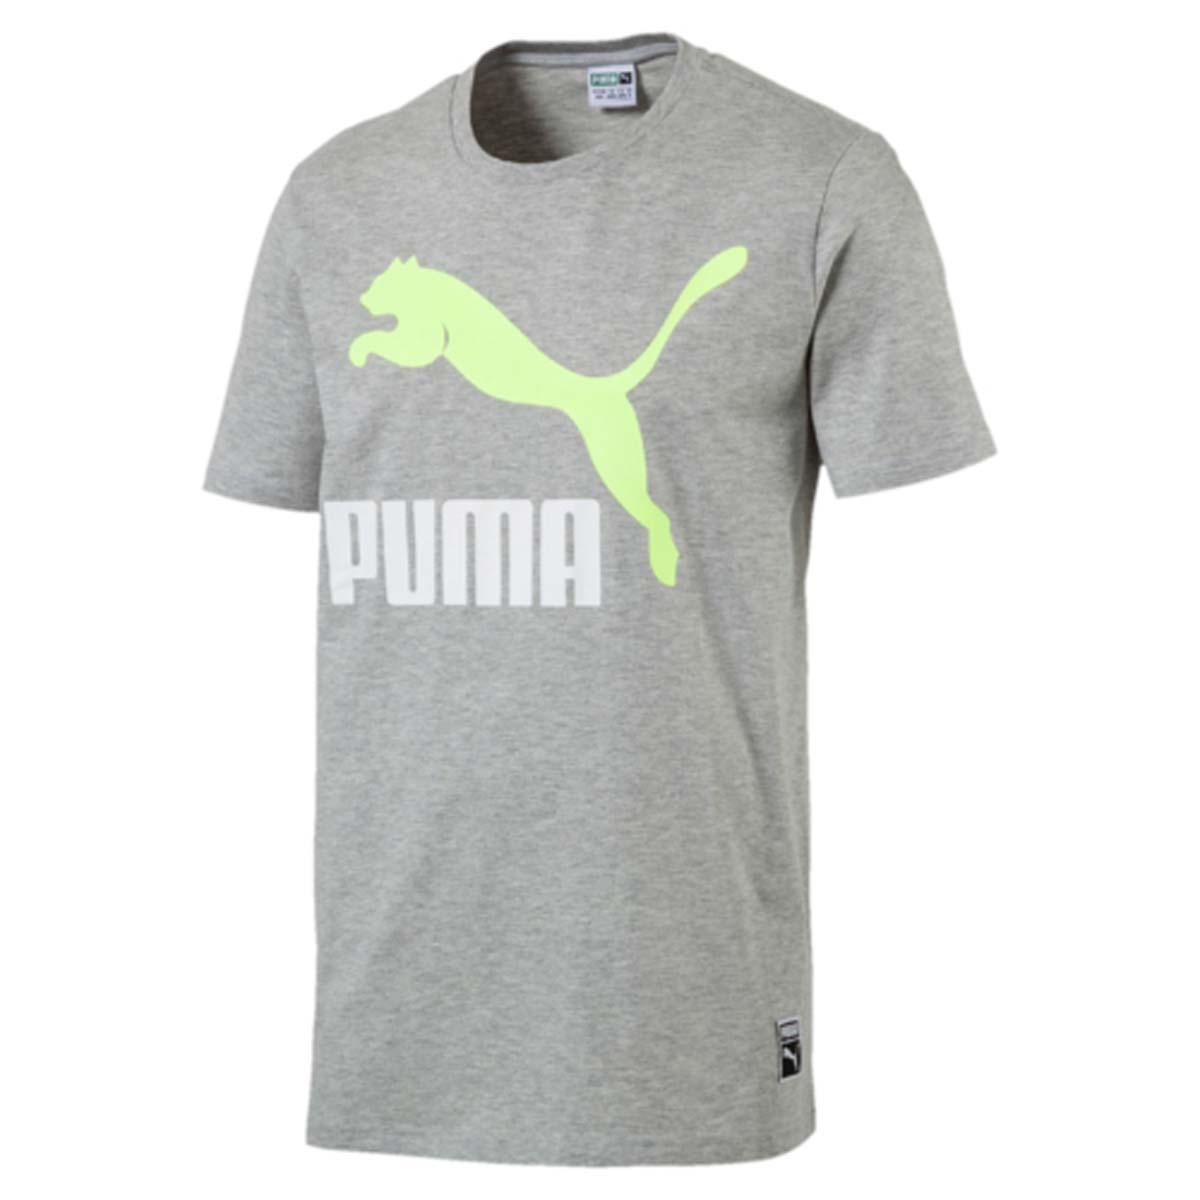 Футболка мужская Puma Archive Logo Tee, цвет: серый. 572392_04. Размер L (48/50)